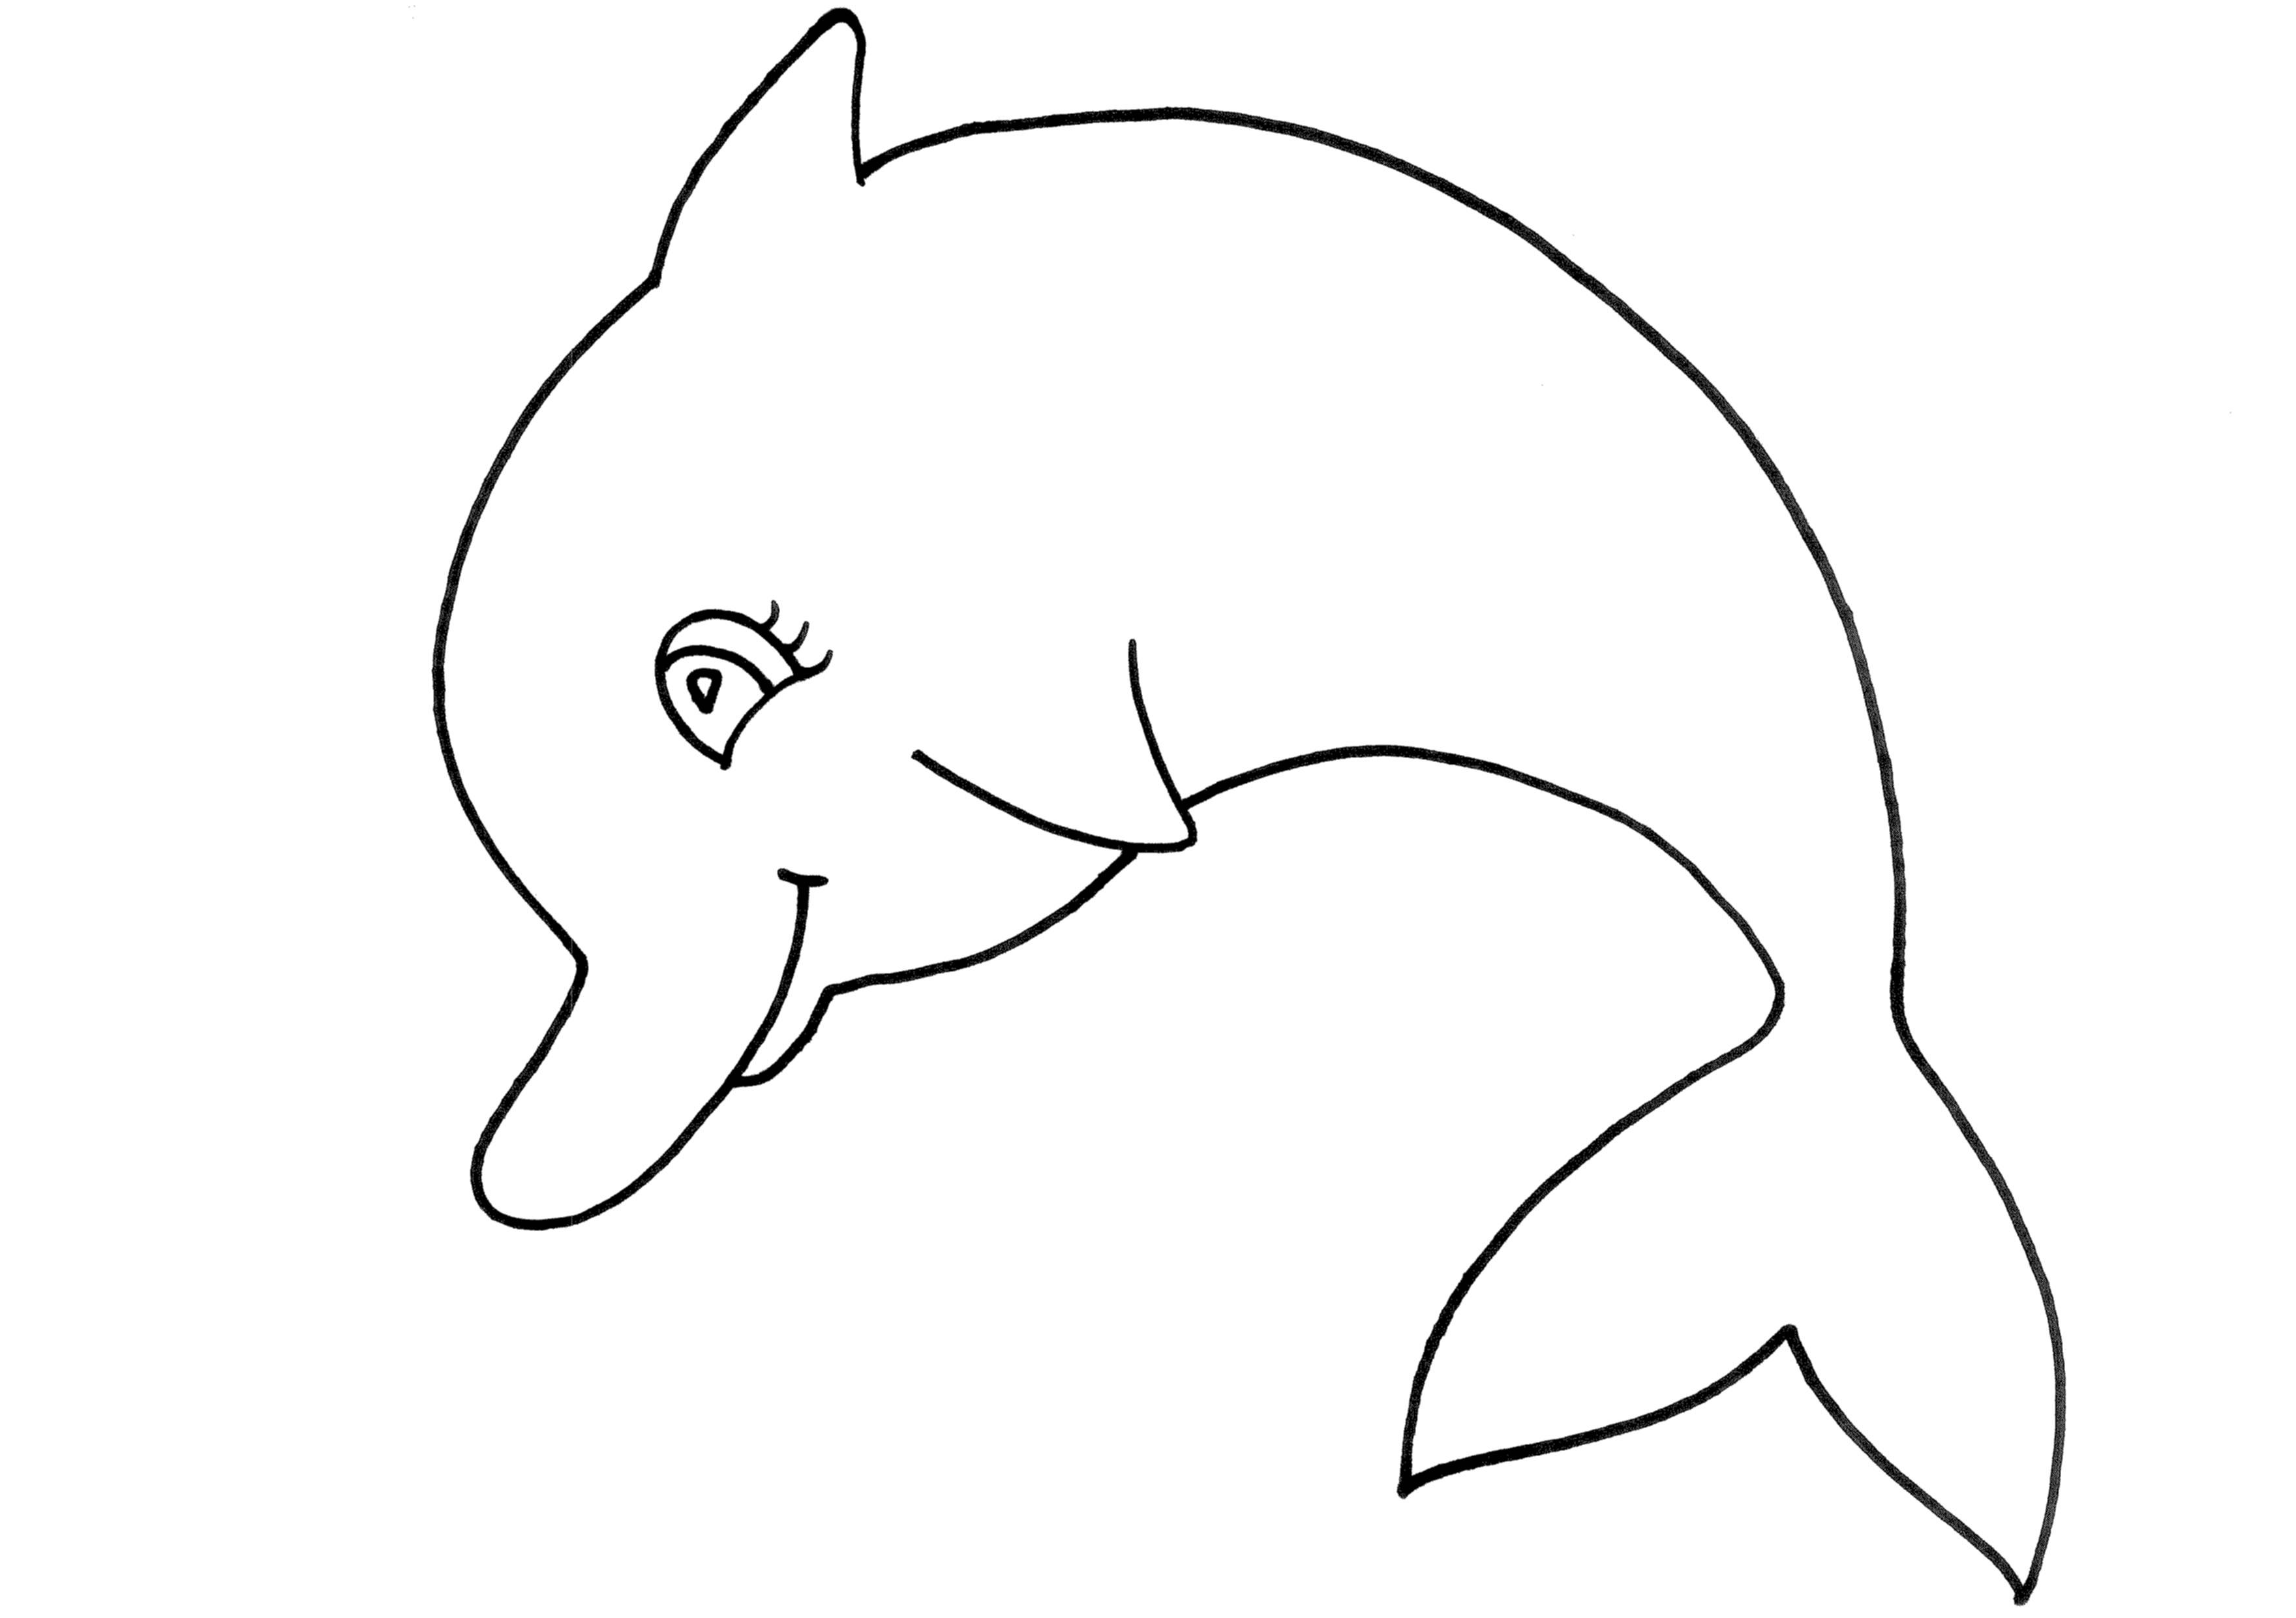 Dibujos de animales para colorear pintar e imprimir gratis for Imagenes de cuadros abstractos para colorear